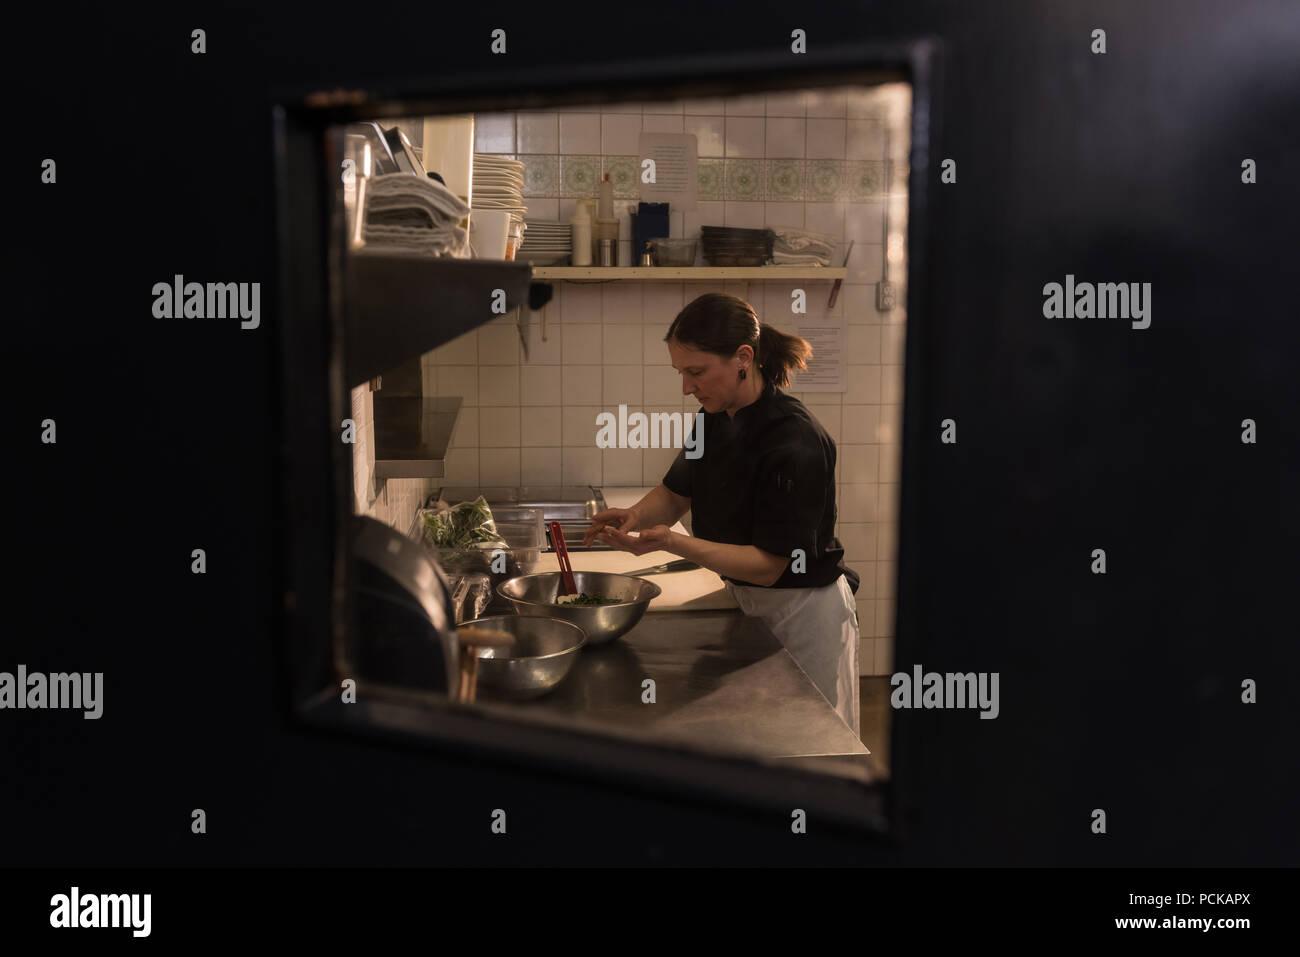 El chef trabaja en la cocina comercial Imagen De Stock